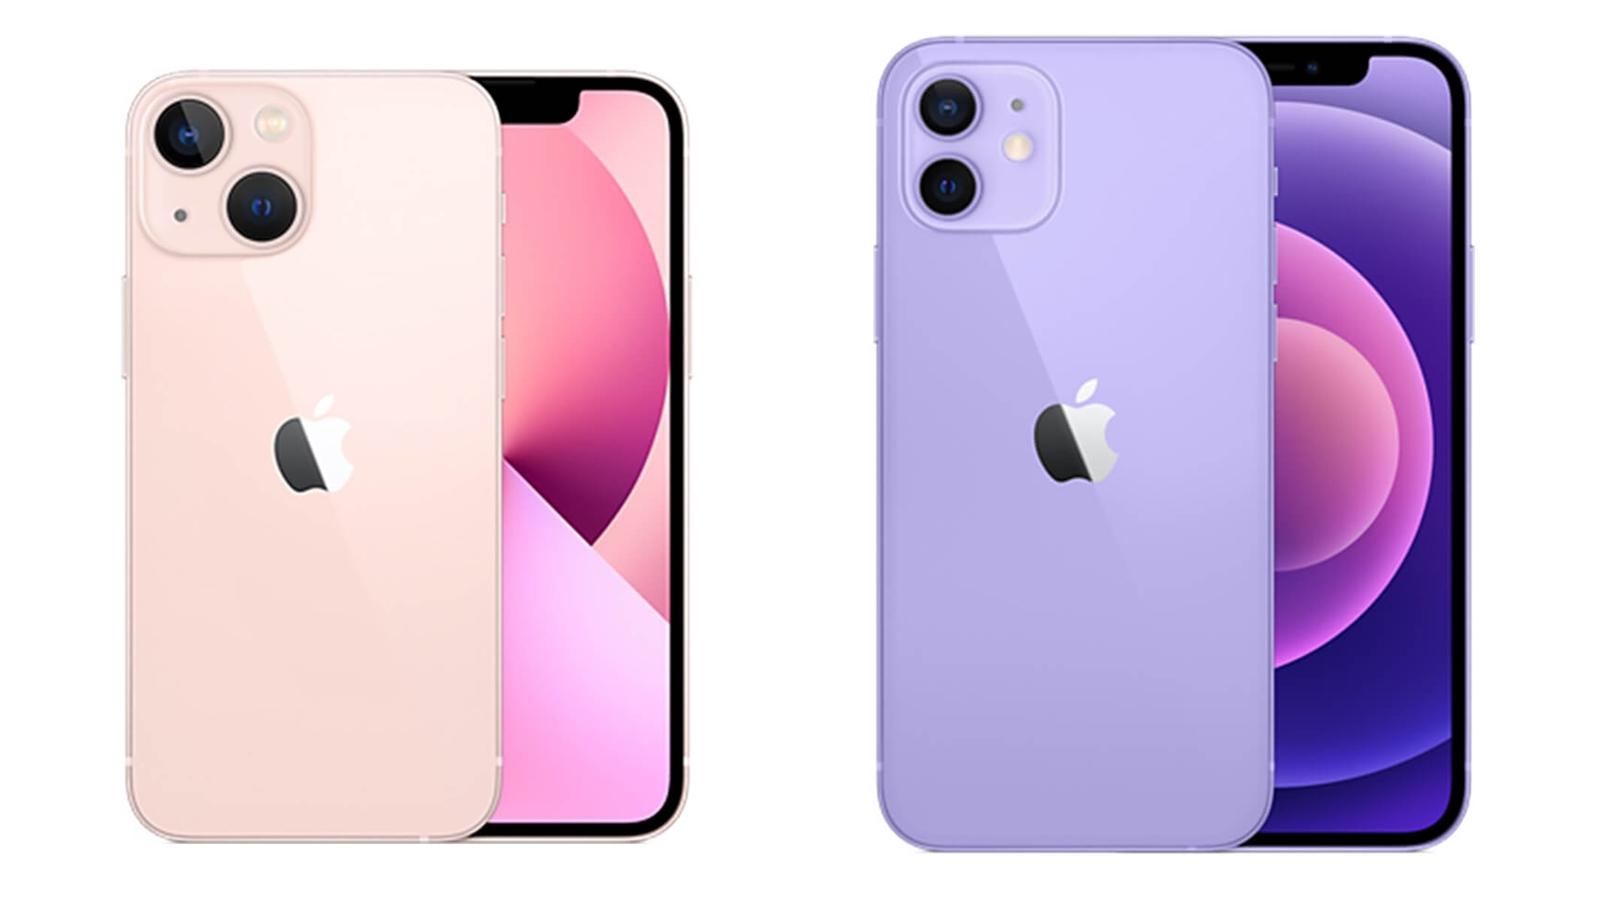 【機型比較】iPhone 13 mini與iPhone 12該怎麼選擇?不同差異為何?哪裡買最便宜?